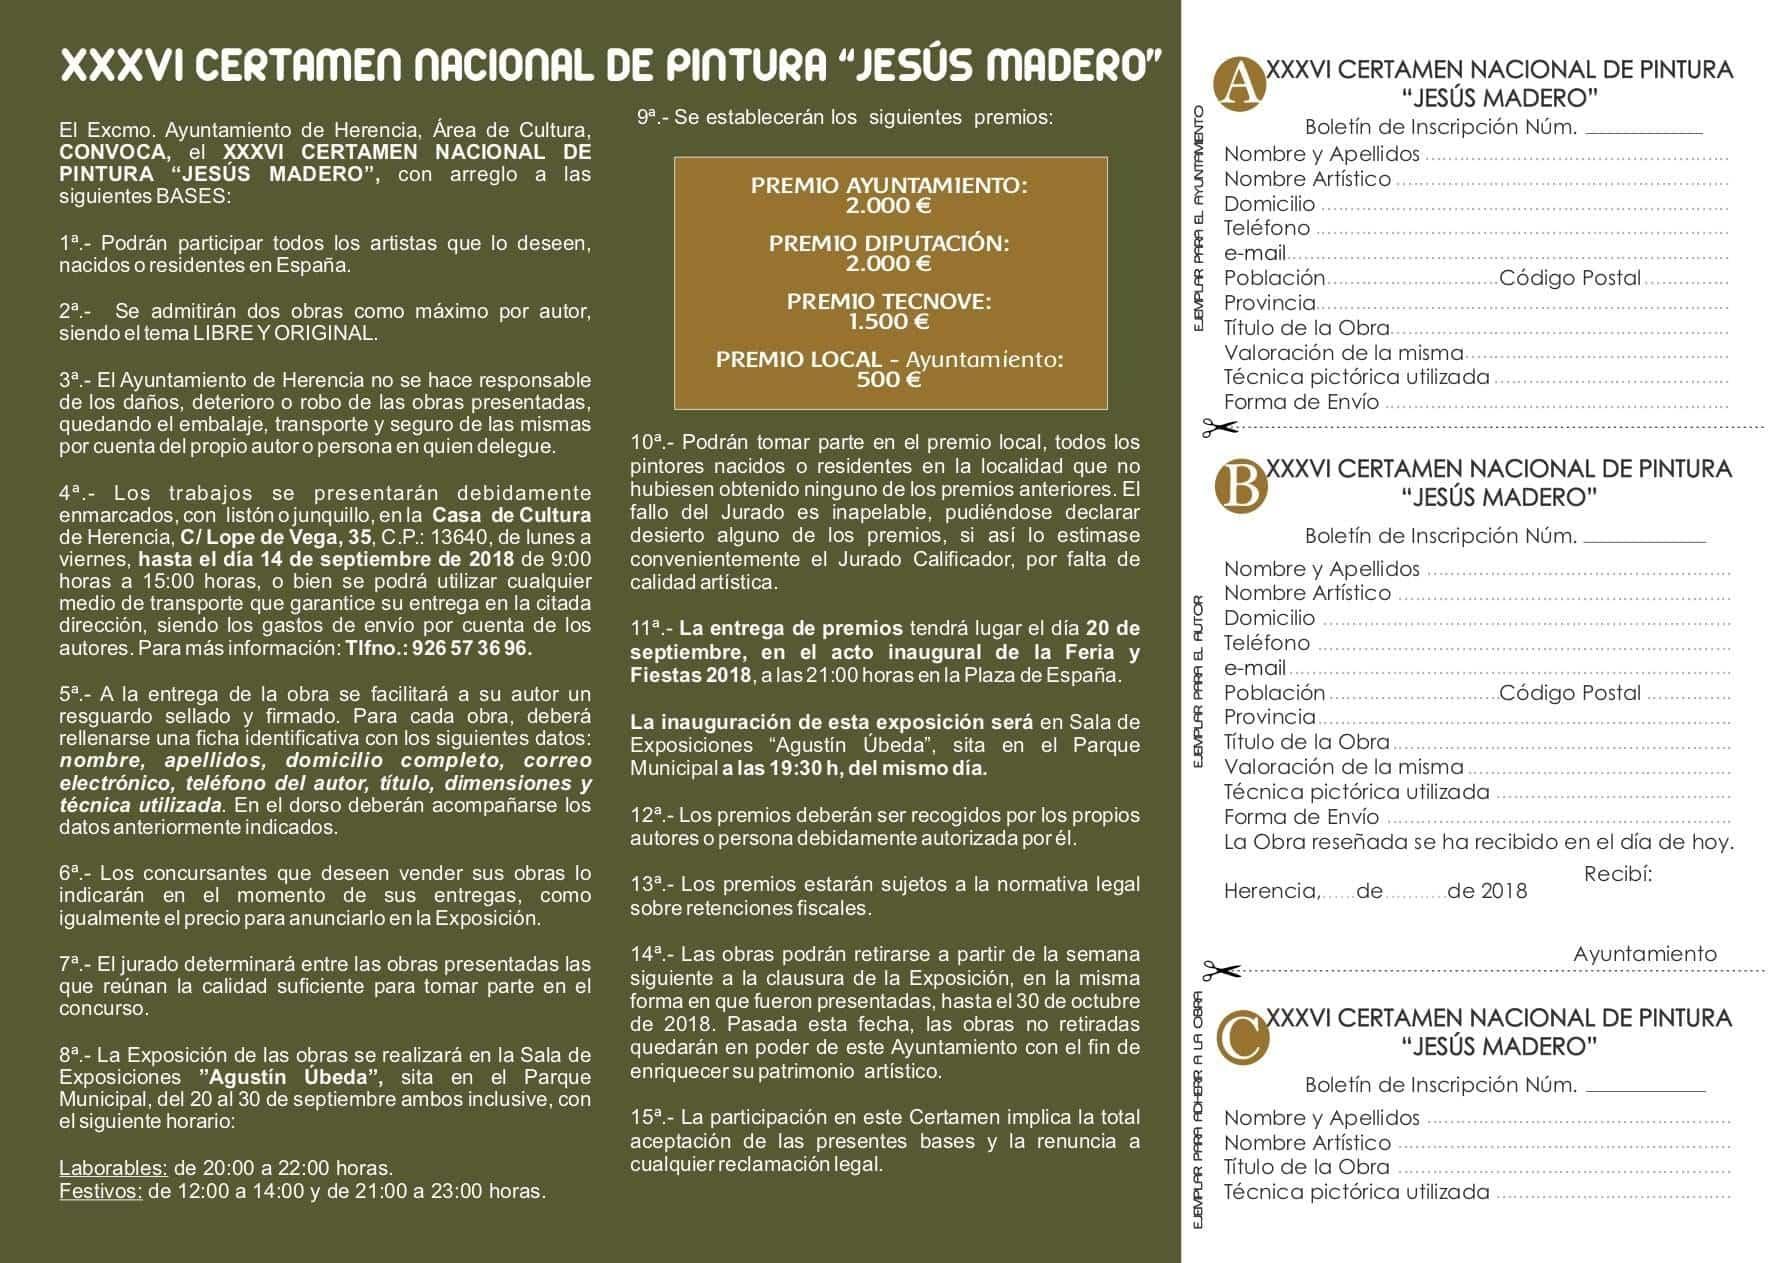 """XXXVI certamen nacional pintura herencia jesus madero 3 - Convocado el XXXVI edición del Certamen Nacional de Pintura """"Jesús Madero"""""""